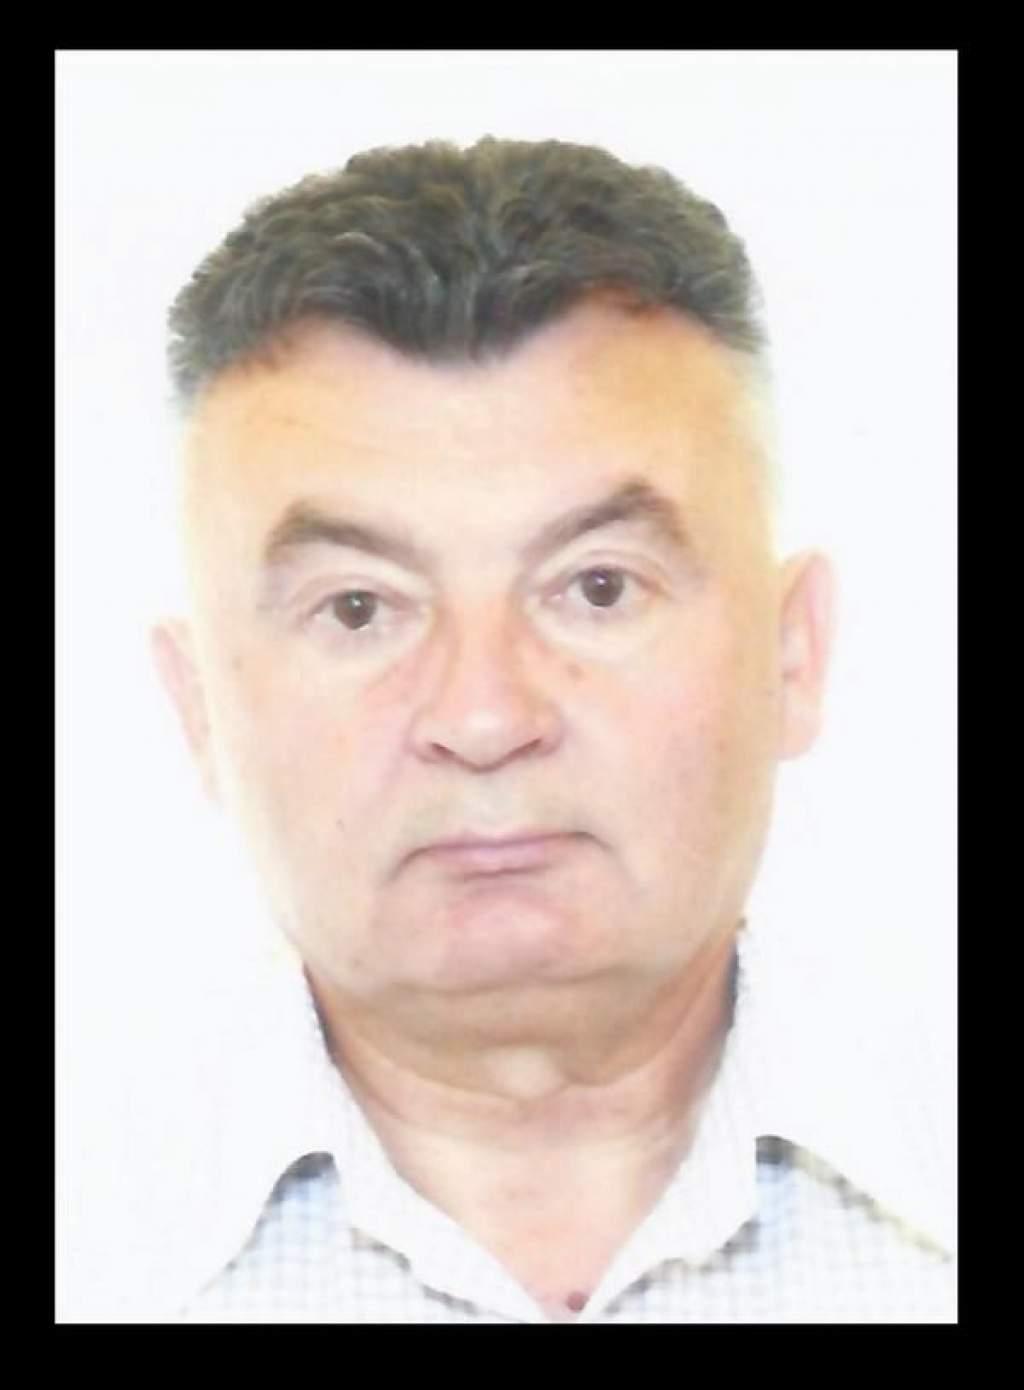 Gyászjelentés-Elhunyt lovag Czencz György nemzetőr százados (1942-2012) a Wojtyla Ház segítője